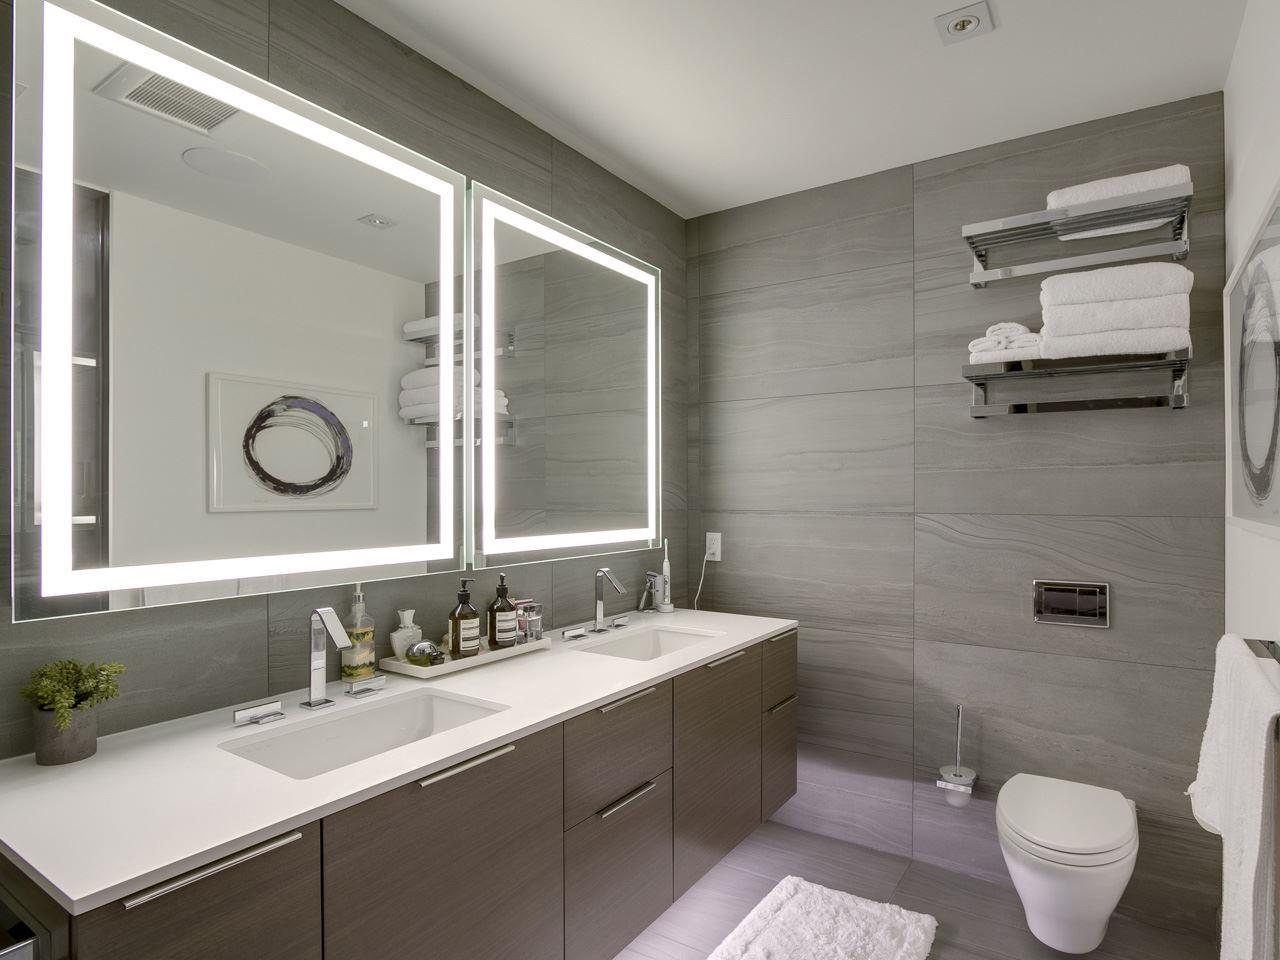 Condo Apartment at PH3 980 COOPERAGE WAY, Unit PH3, Vancouver West, British Columbia. Image 10